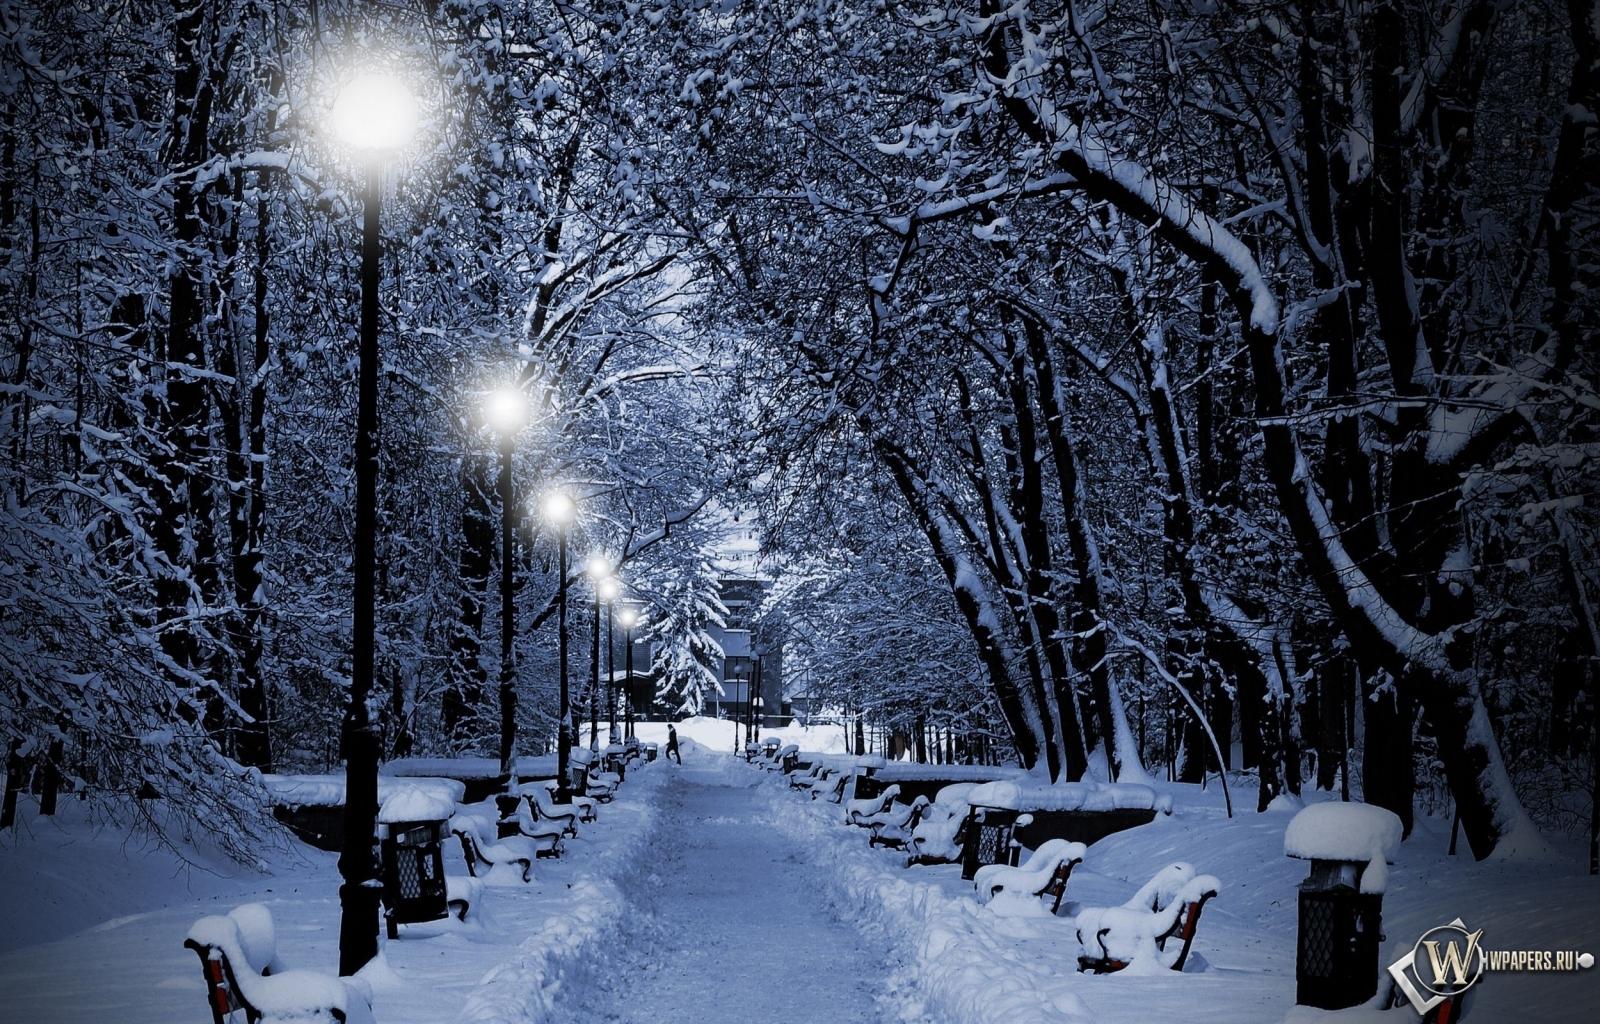 Аллея зимой 1600x1024